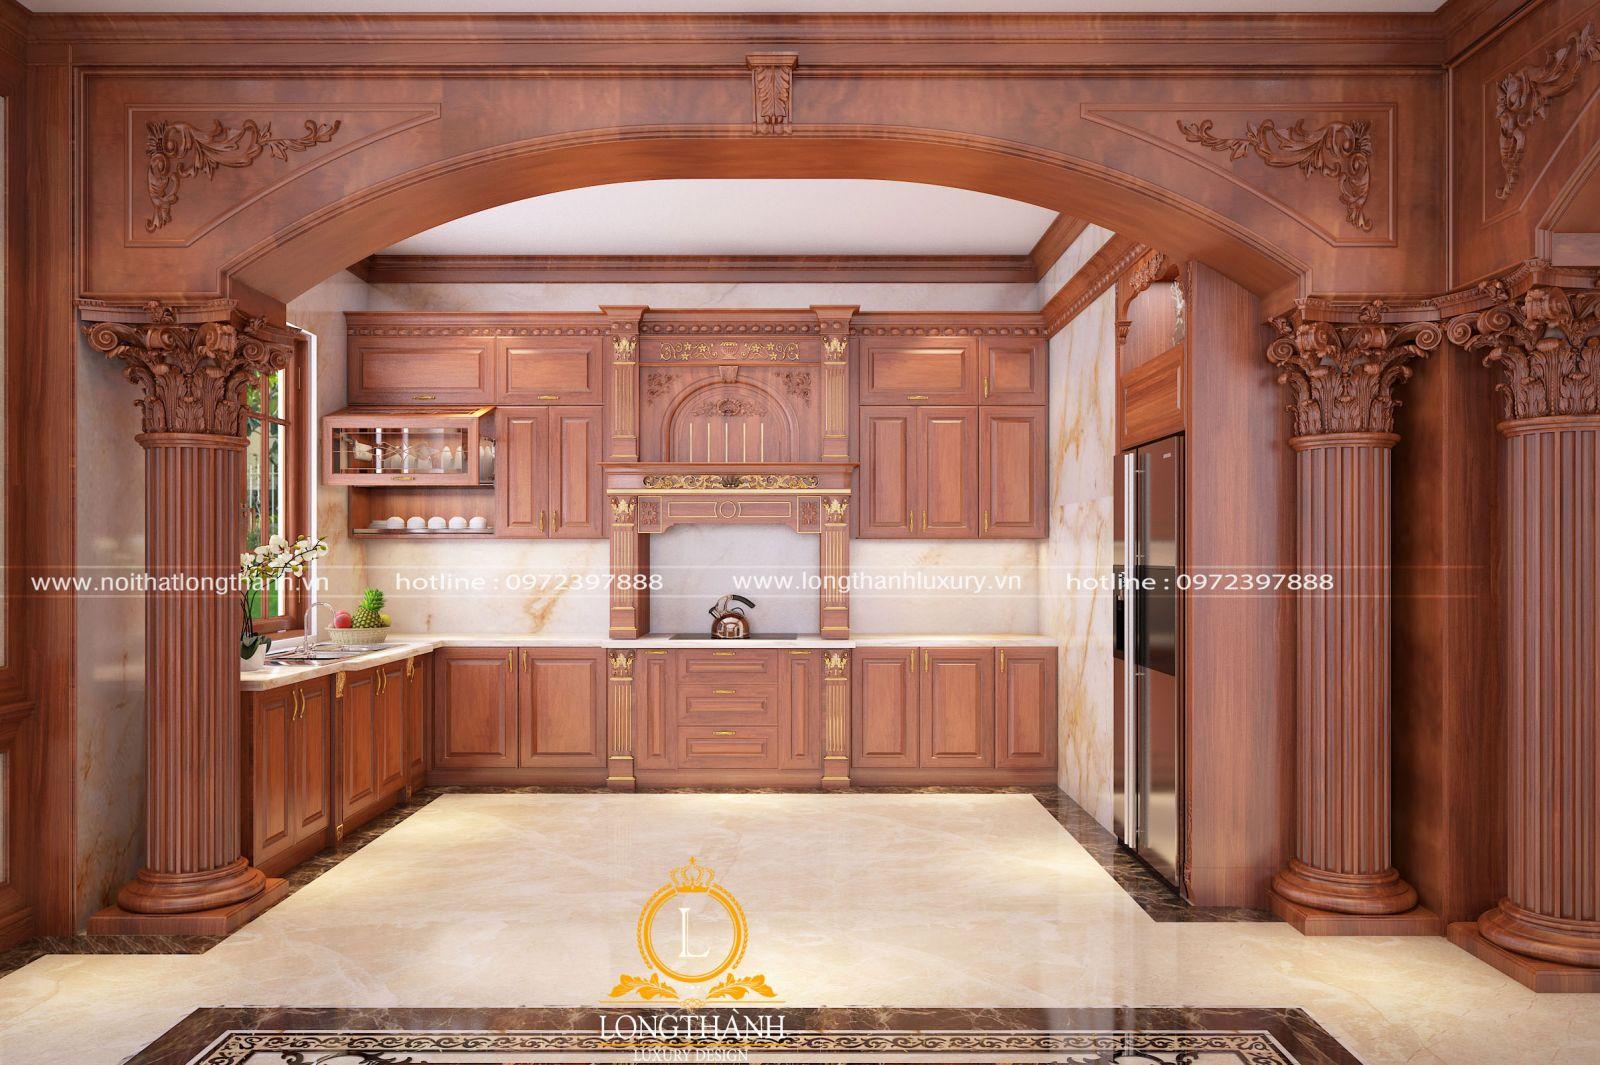 Tủ bếp tân cổ điển độc đáo từ màu sắc gỗ Gõ đỏ